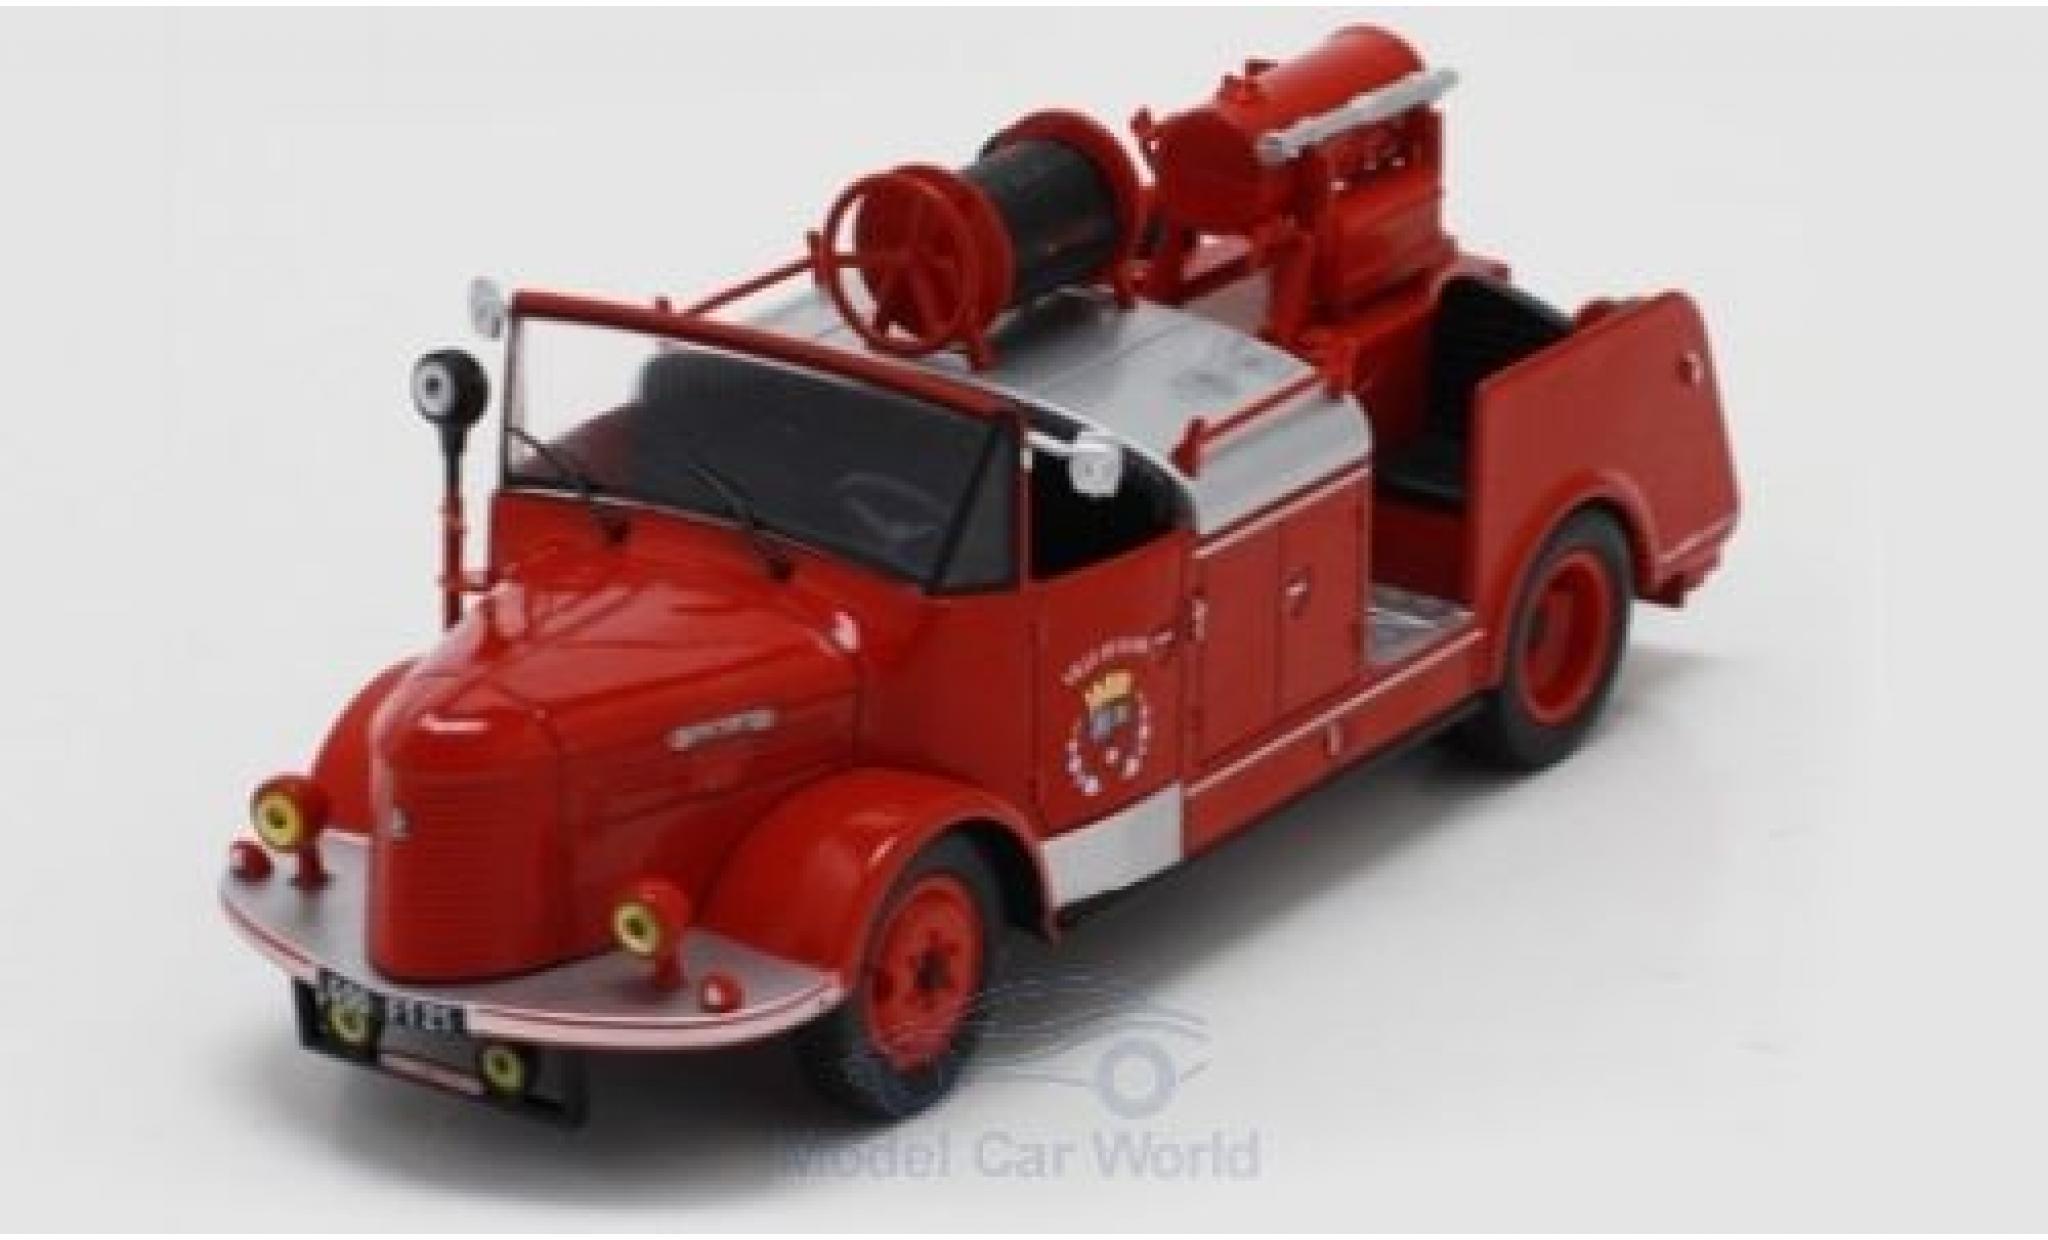 Hotchkiss PL 50 1/43 SpecialC 96 Pompiers - Ville De Dijon